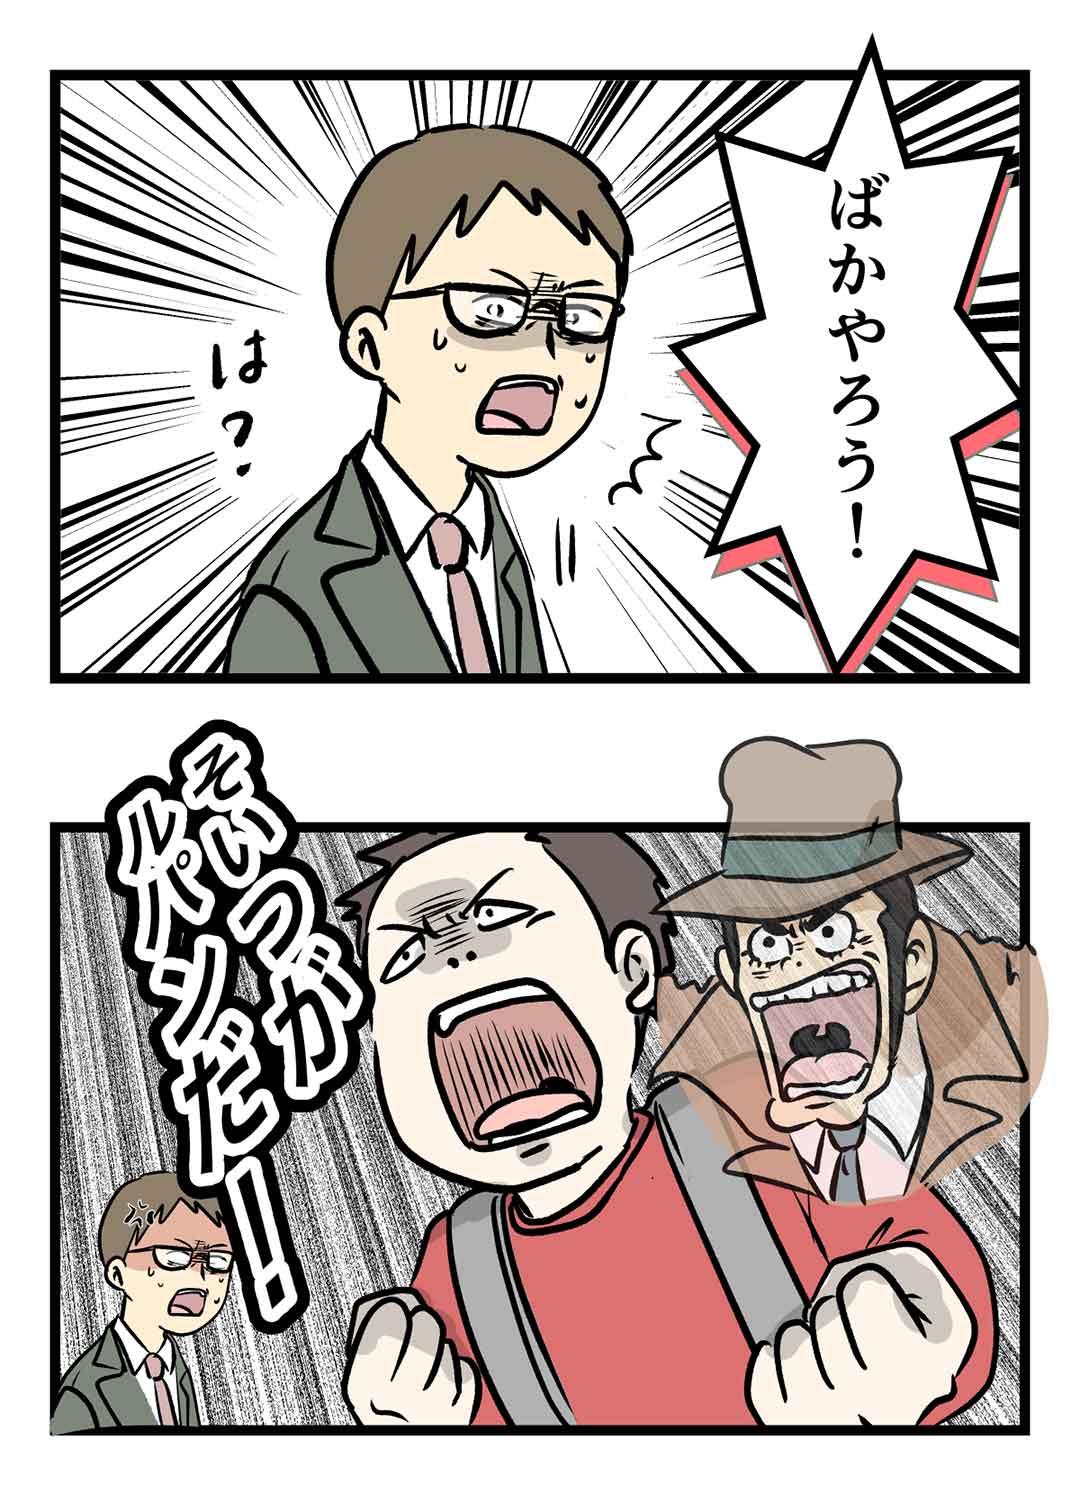 昭和の怪盗が令和の少年の心も奪ったようです